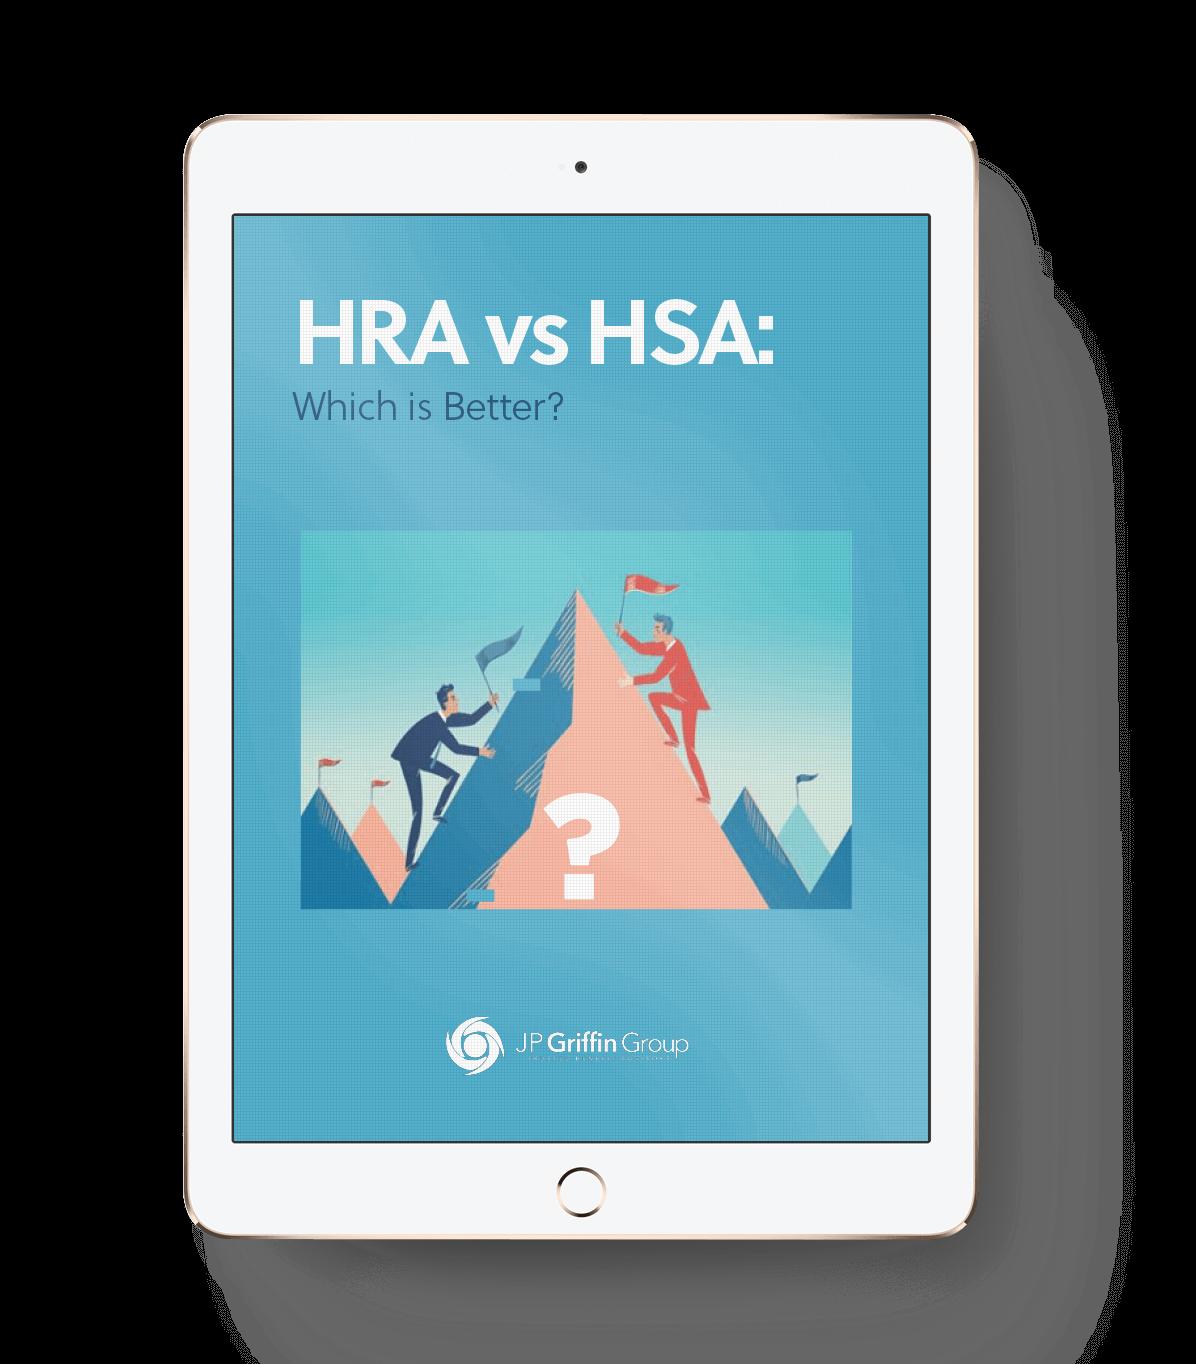 HRA vs HSA mockup ipad